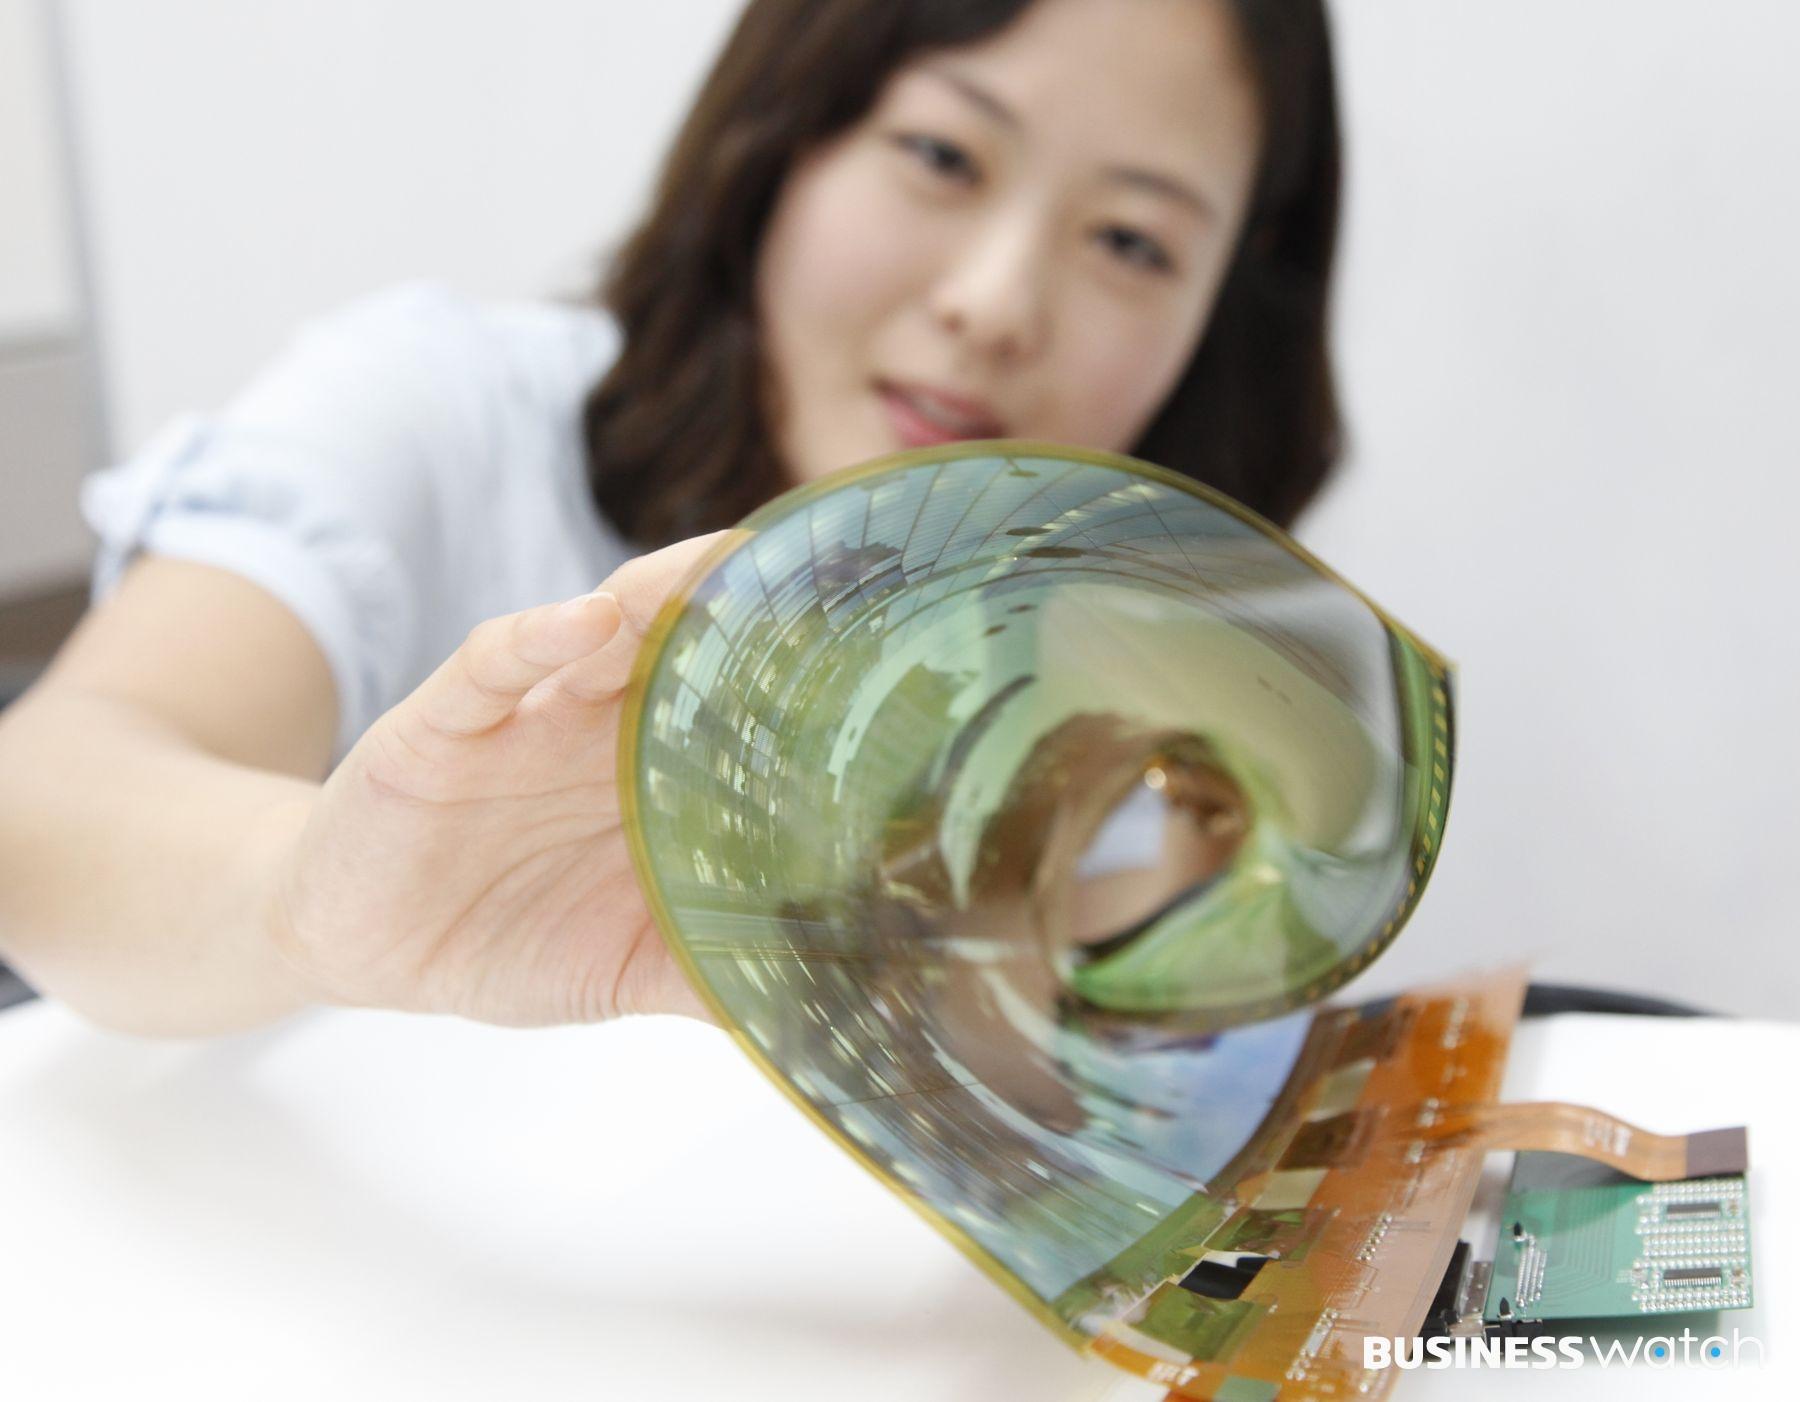 LGDisplay показала прозрачный игибкий 77-дюймовый OLED дисплей